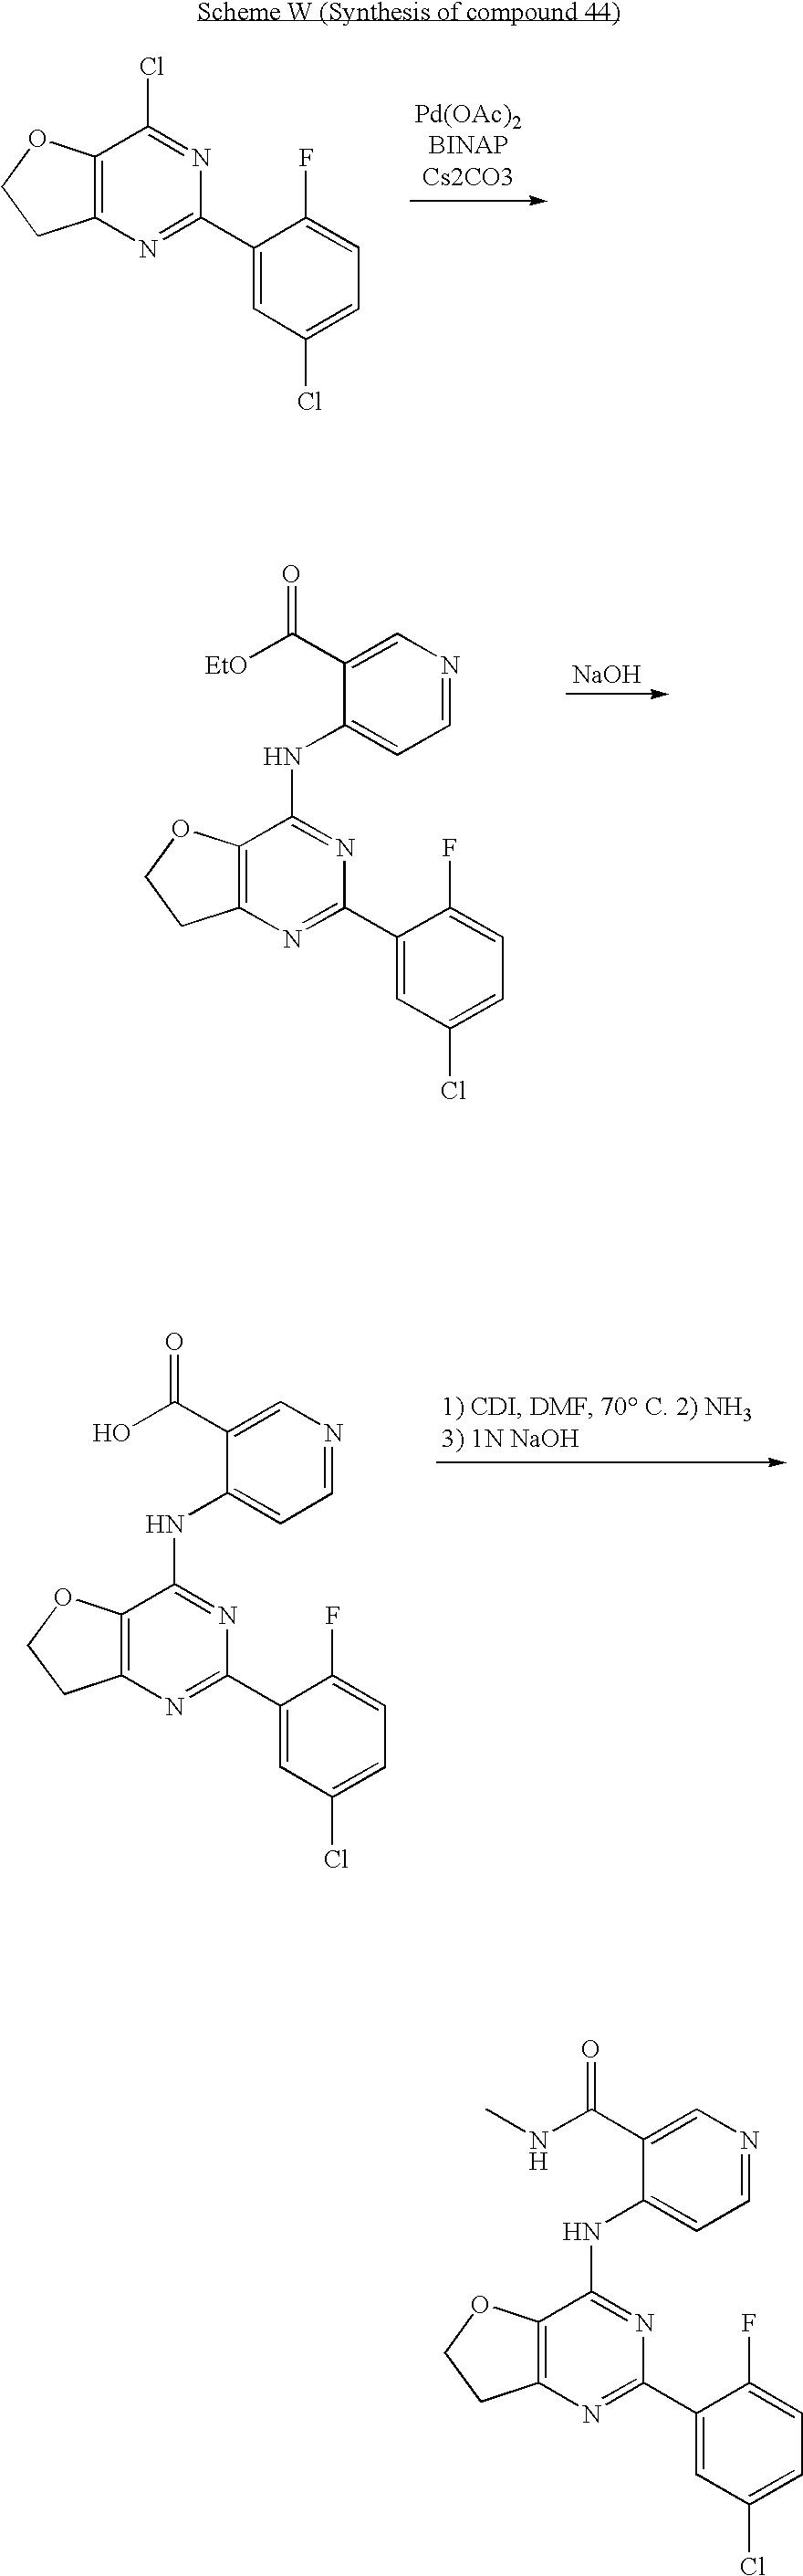 Figure US20050004143A1-20050106-C00125